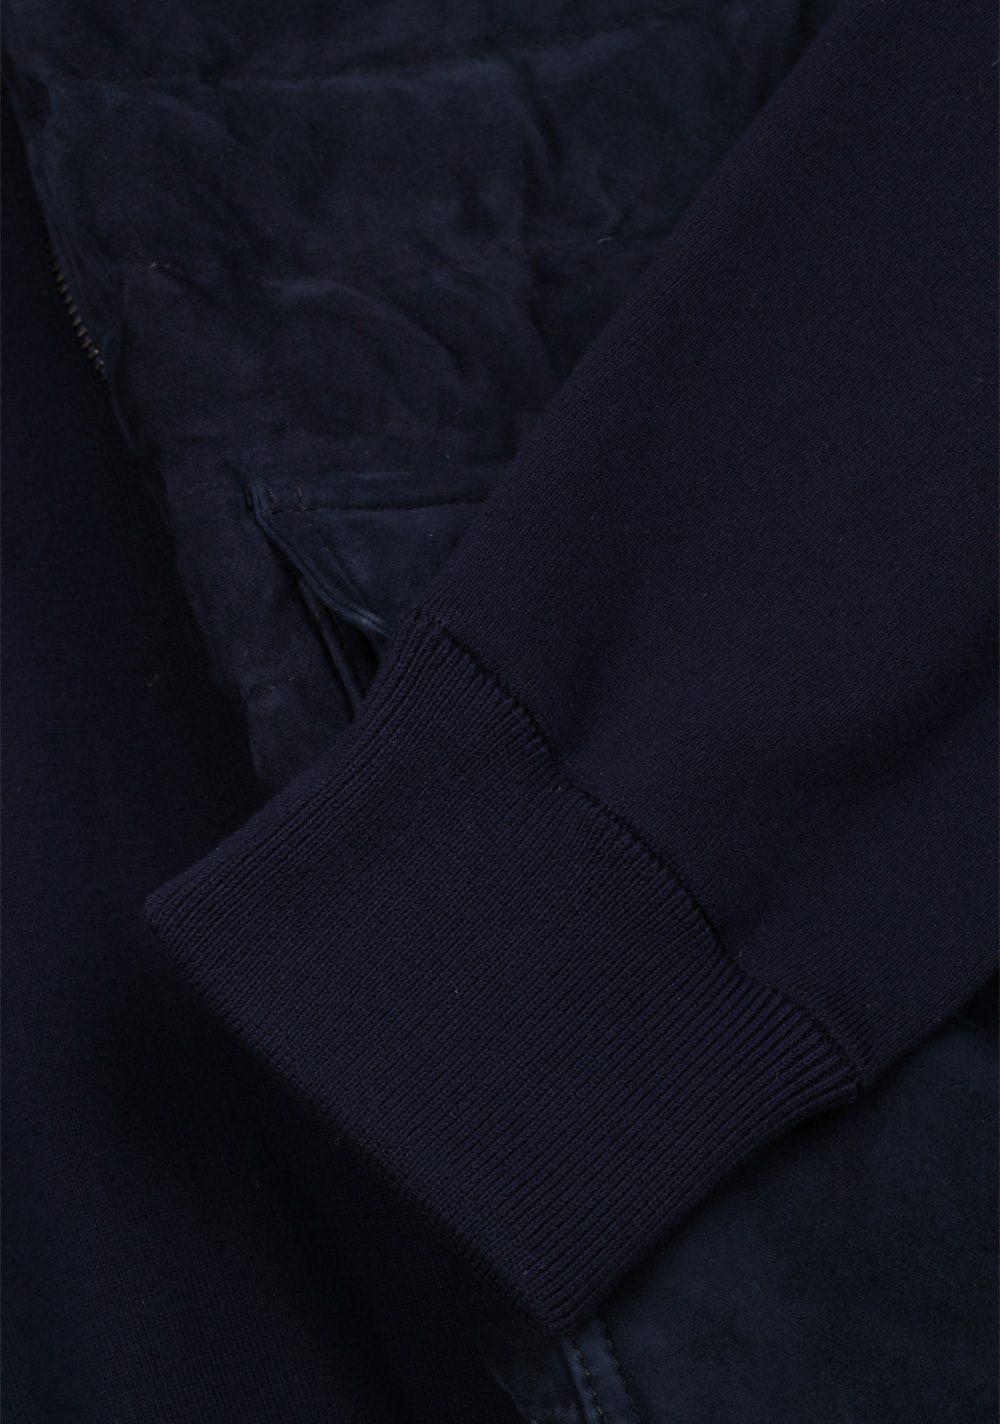 Moncler Navy Maglia Suede Cardigan Coat Size XXL / 58 / 48R U.S. | Costume Limité